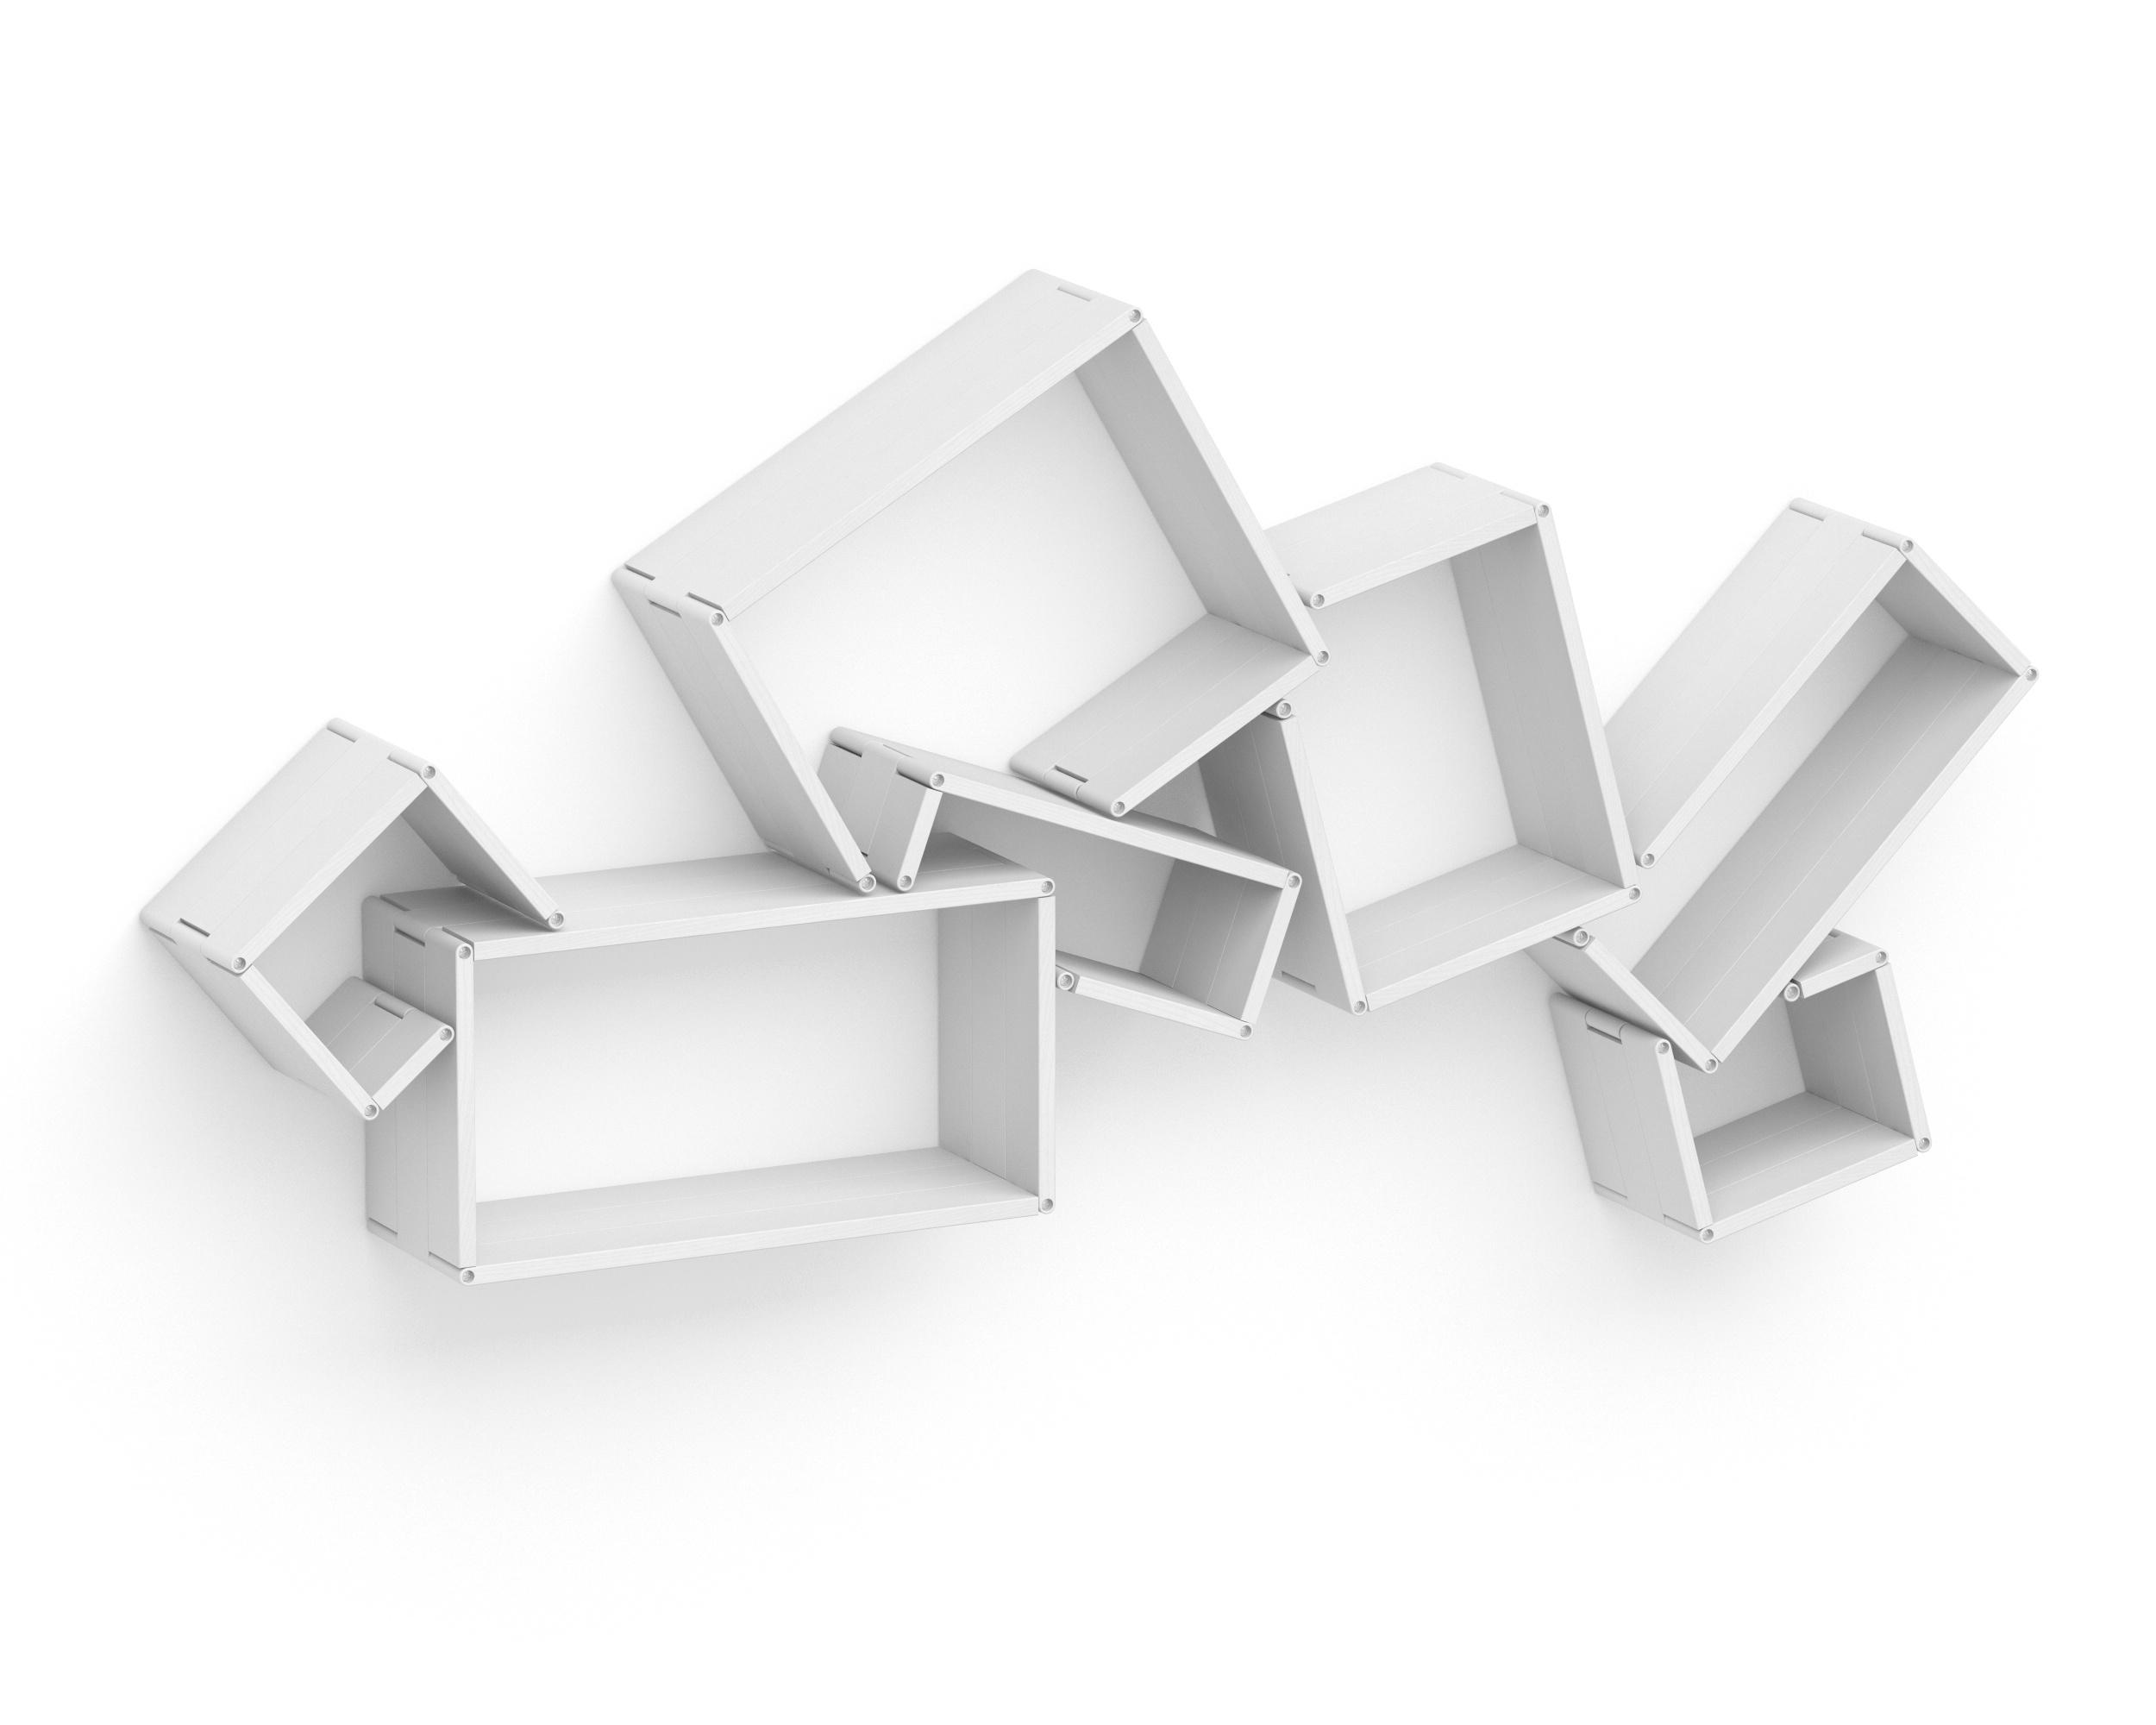 Полка-конструктор LATITUDE Flex Shelf set 171Полки<br>Творческий беспорядок теперь удастся создать не только на столе или на полу. С &amp;quot;Latitude Flex Shelf Set 171&amp;quot; его можно будет перенести в новую плоскость ? на стену! Не стоит переживать, что нагромождение хаотично расположенных полок добавит неаккуратность оформлению пространства. Декор, способный принимать самые разные очертания, привнесет в интерьер лишь нетривиальную смелость. С ним современные интерьеры буквально оживут и станут более интересными.<br><br>Material: Ясень<br>Width см: 193<br>Depth см: 22<br>Height см: 95